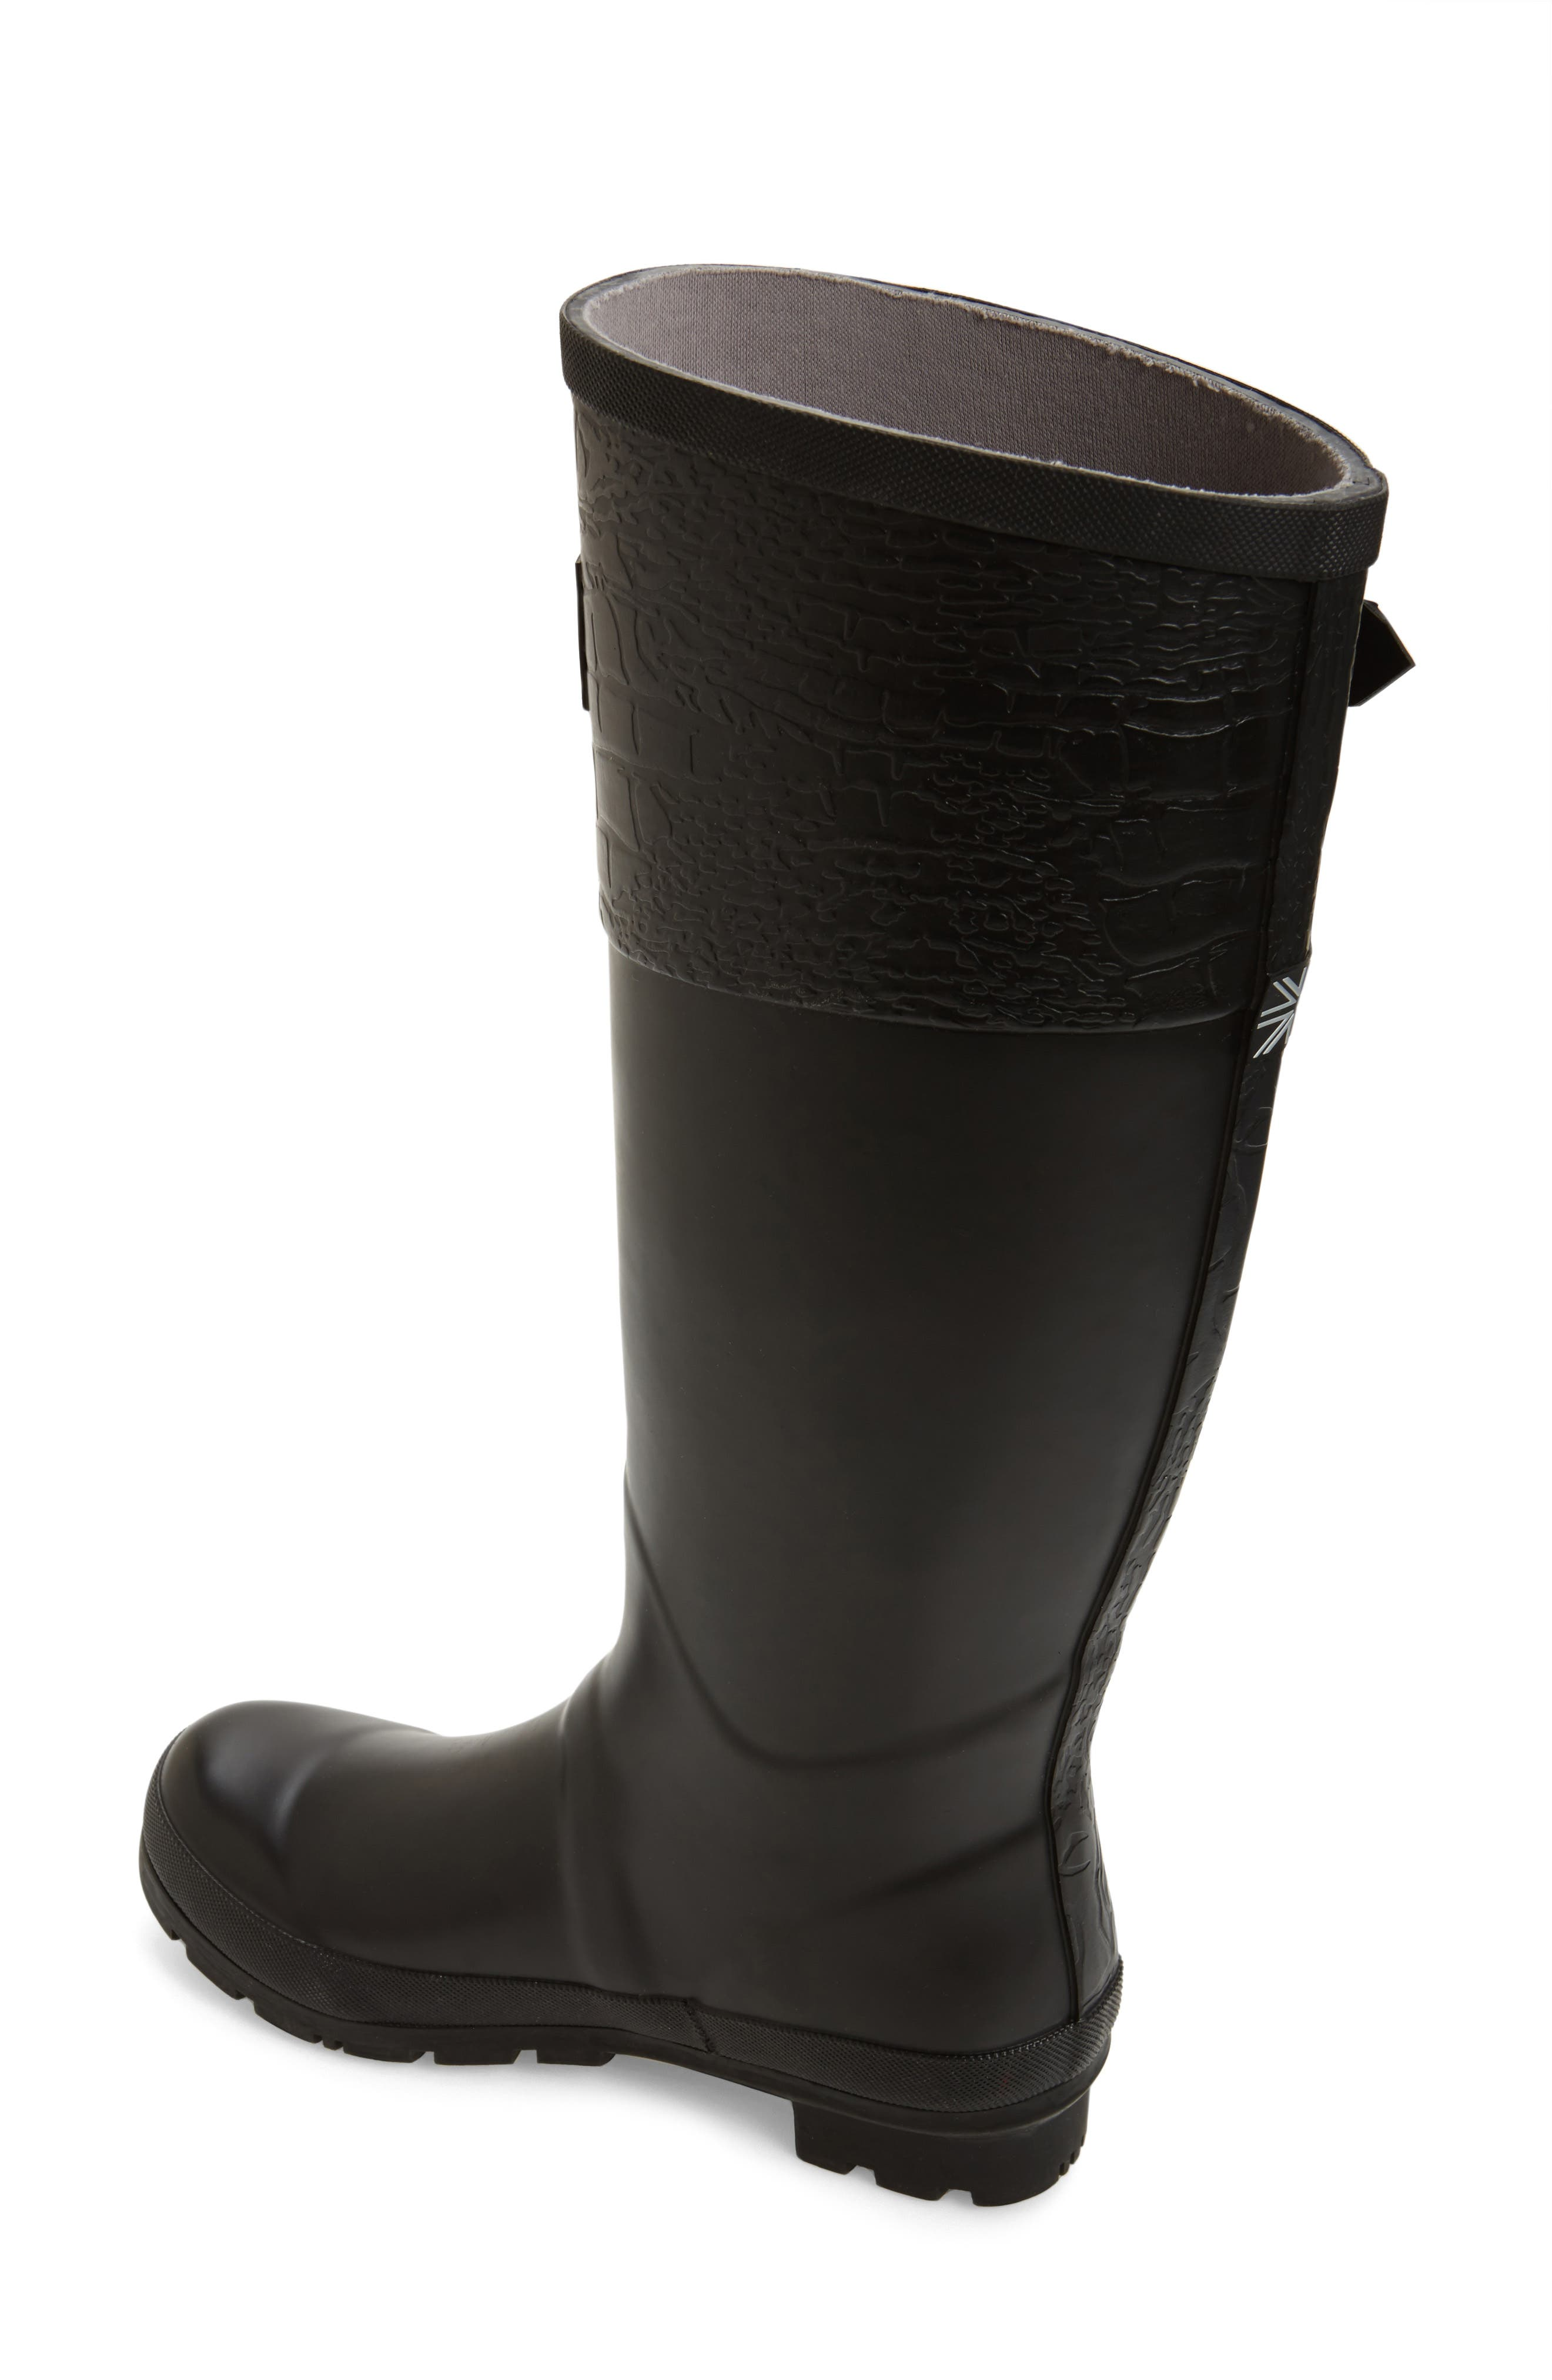 Cavendish Rain Boot,                             Alternate thumbnail 2, color,                             001